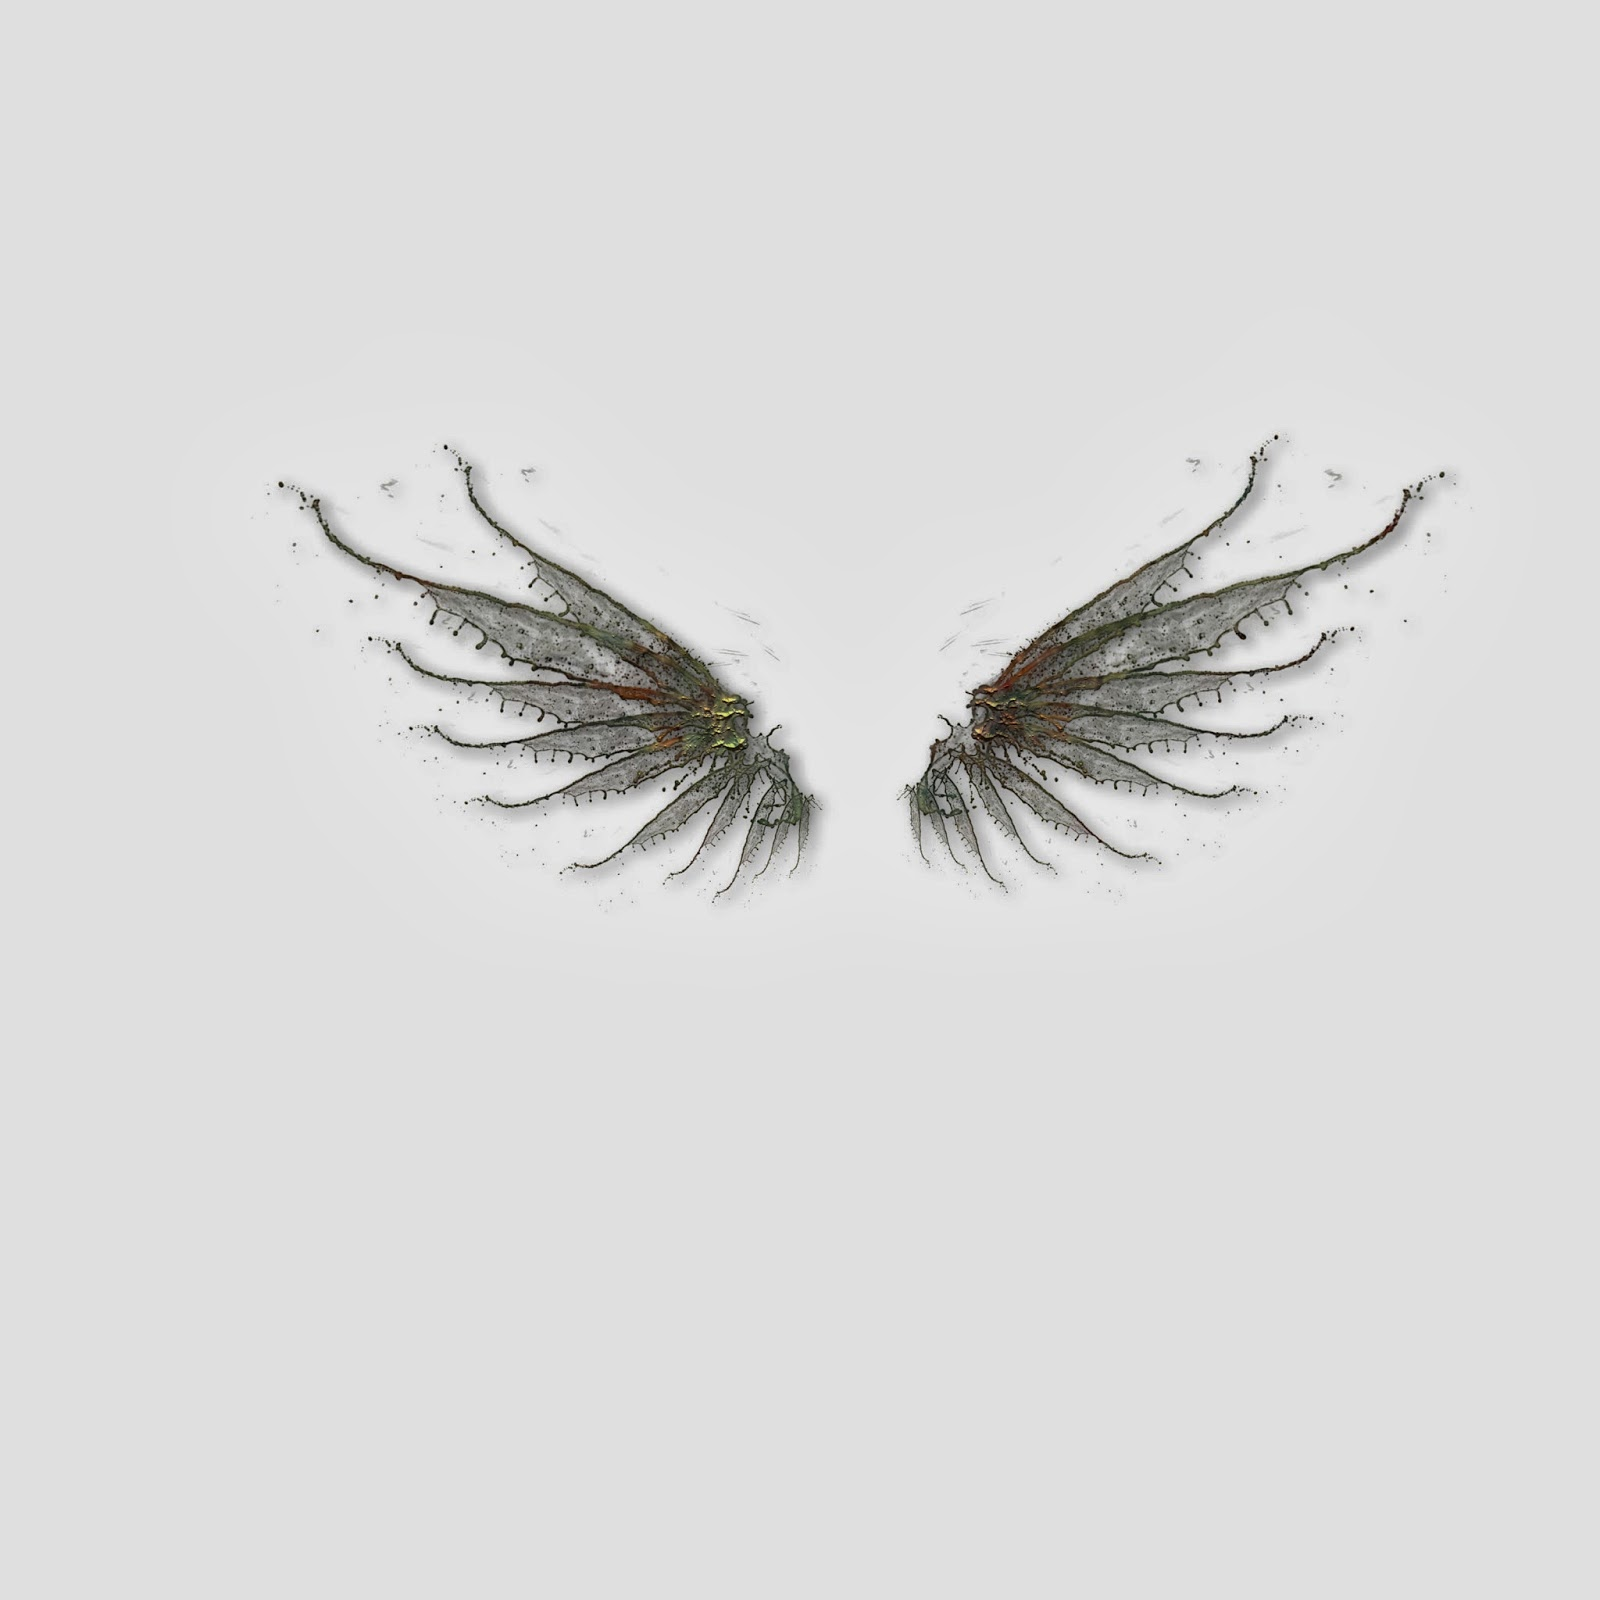 http://3.bp.blogspot.com/-PXbW9xb56zk/UycvjX-HB9I/AAAAAAAADBA/S2M8rR9644s/s1600/angel+wings.jpg